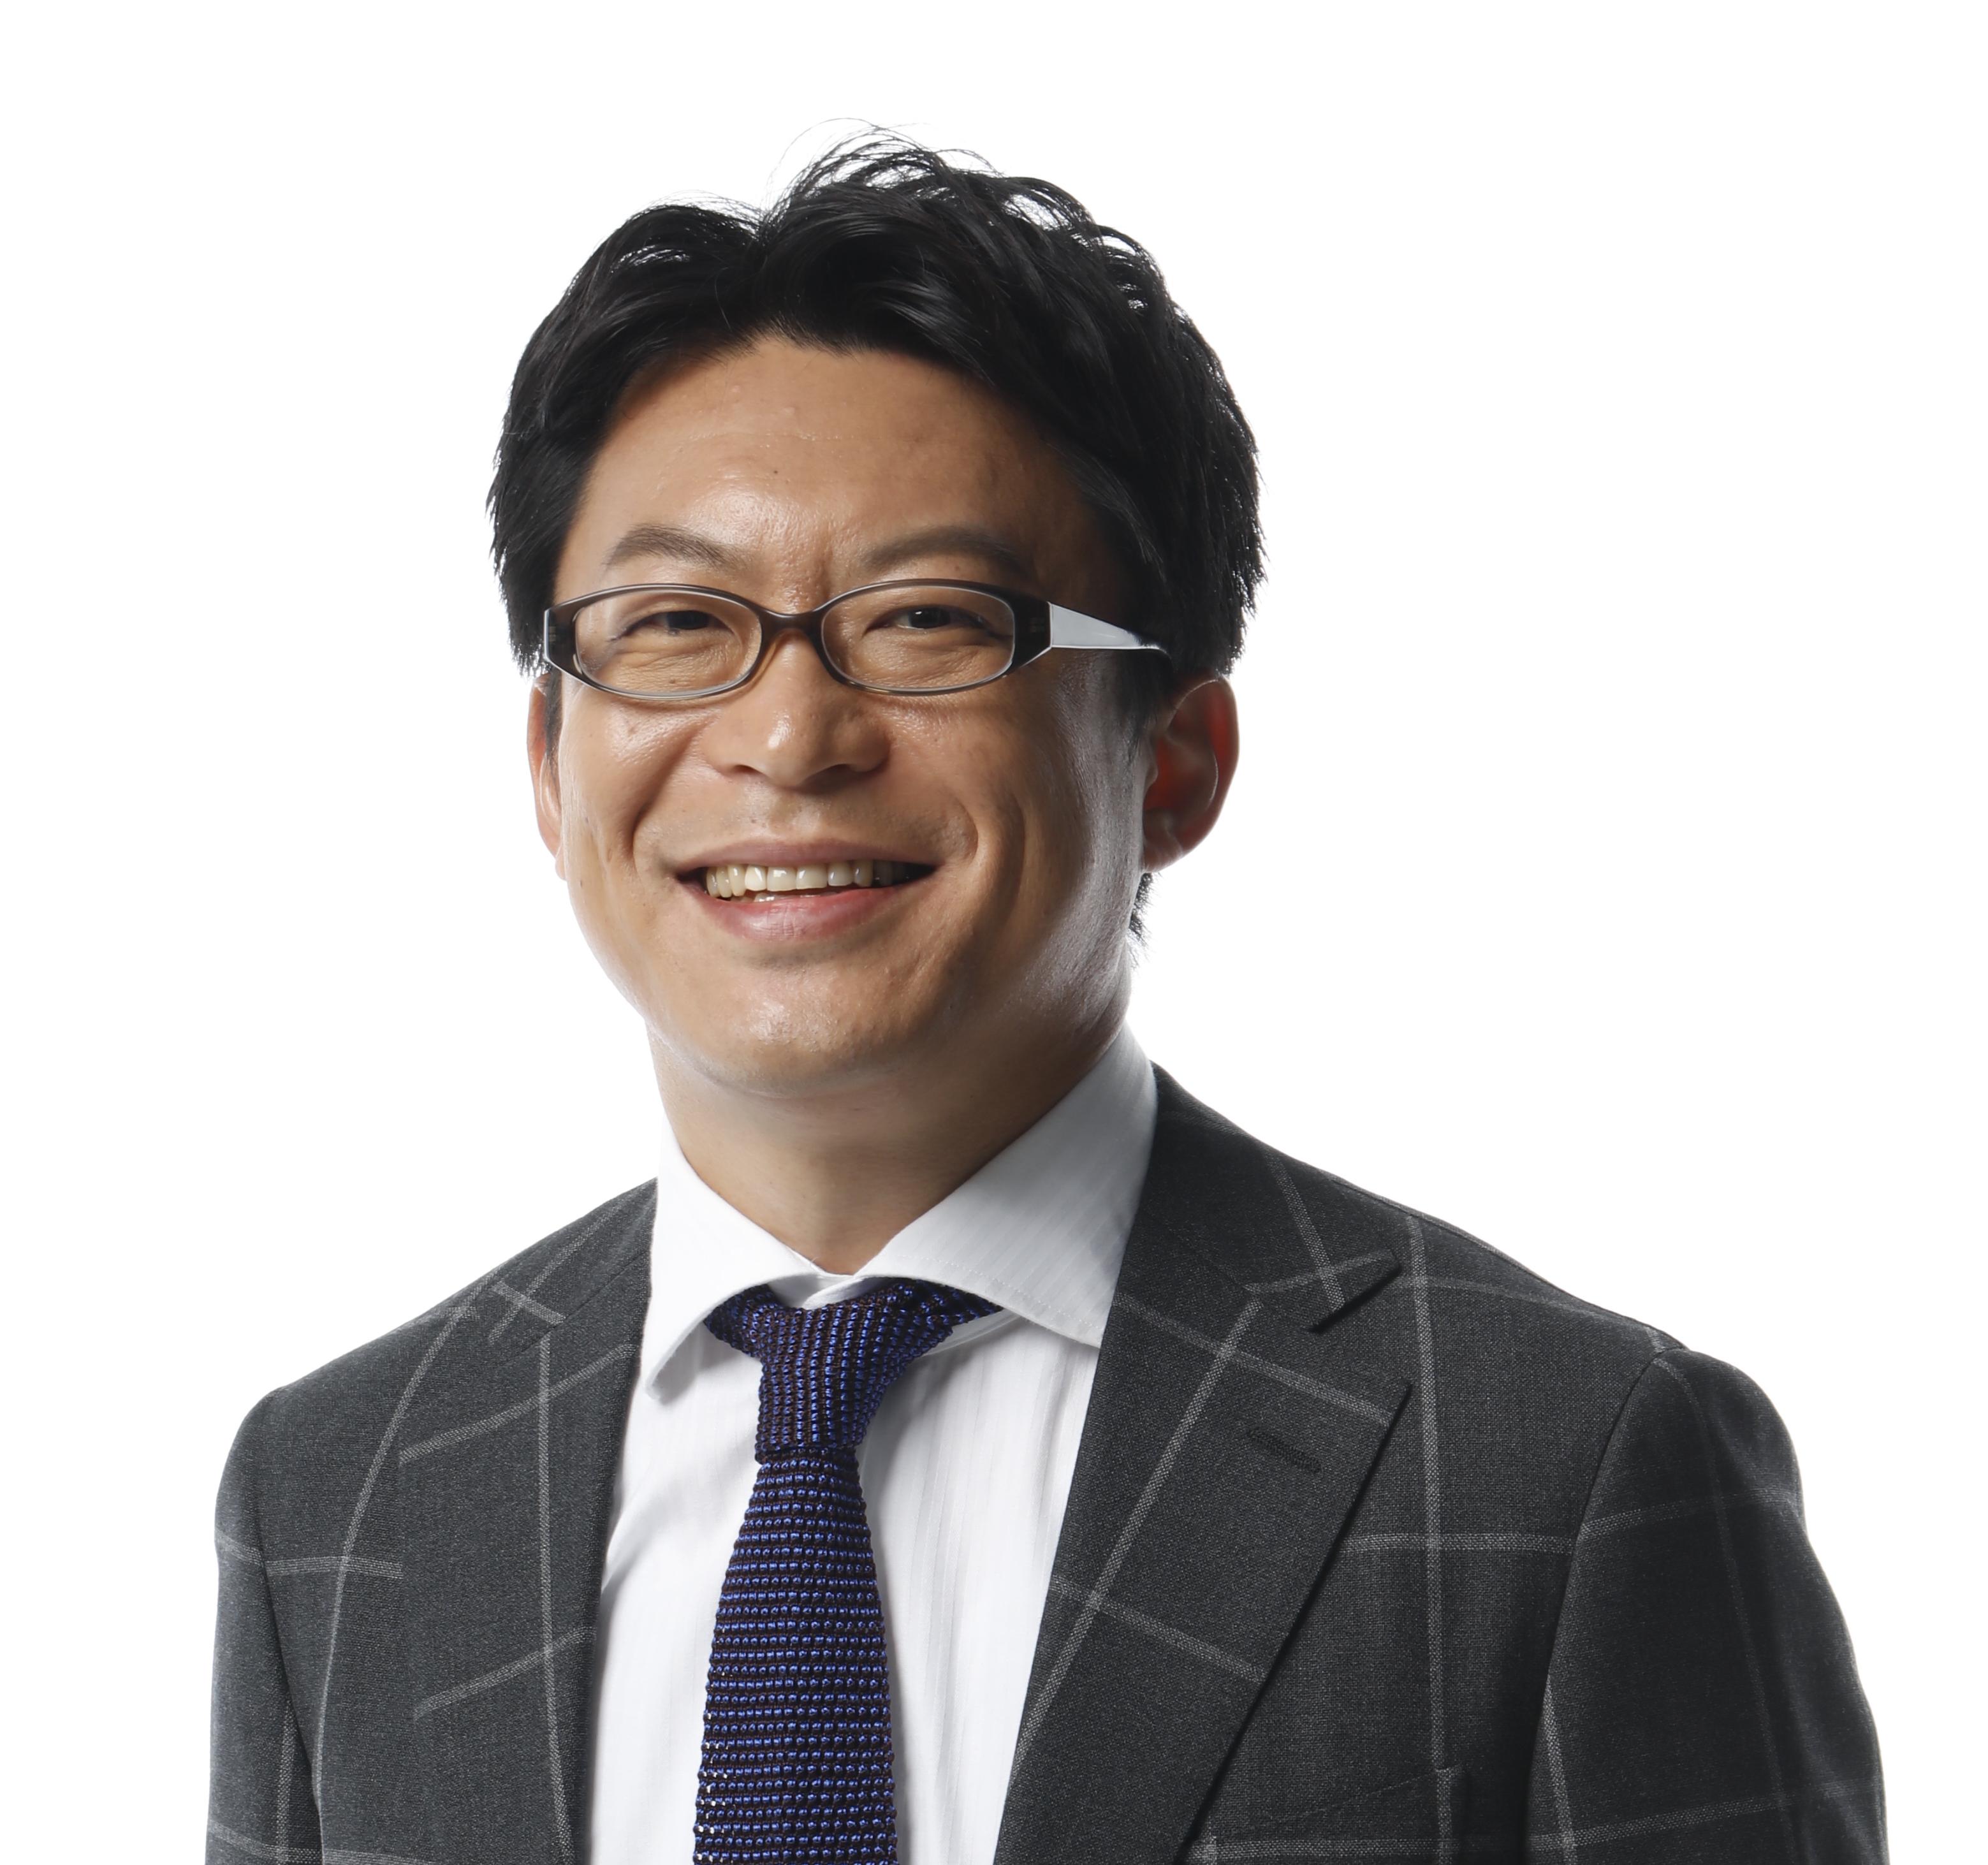 株式会社セールスフォース・ドットコム マーケティング本部 プロダクトマーケティング ディレクター 田崎 純一郎 氏